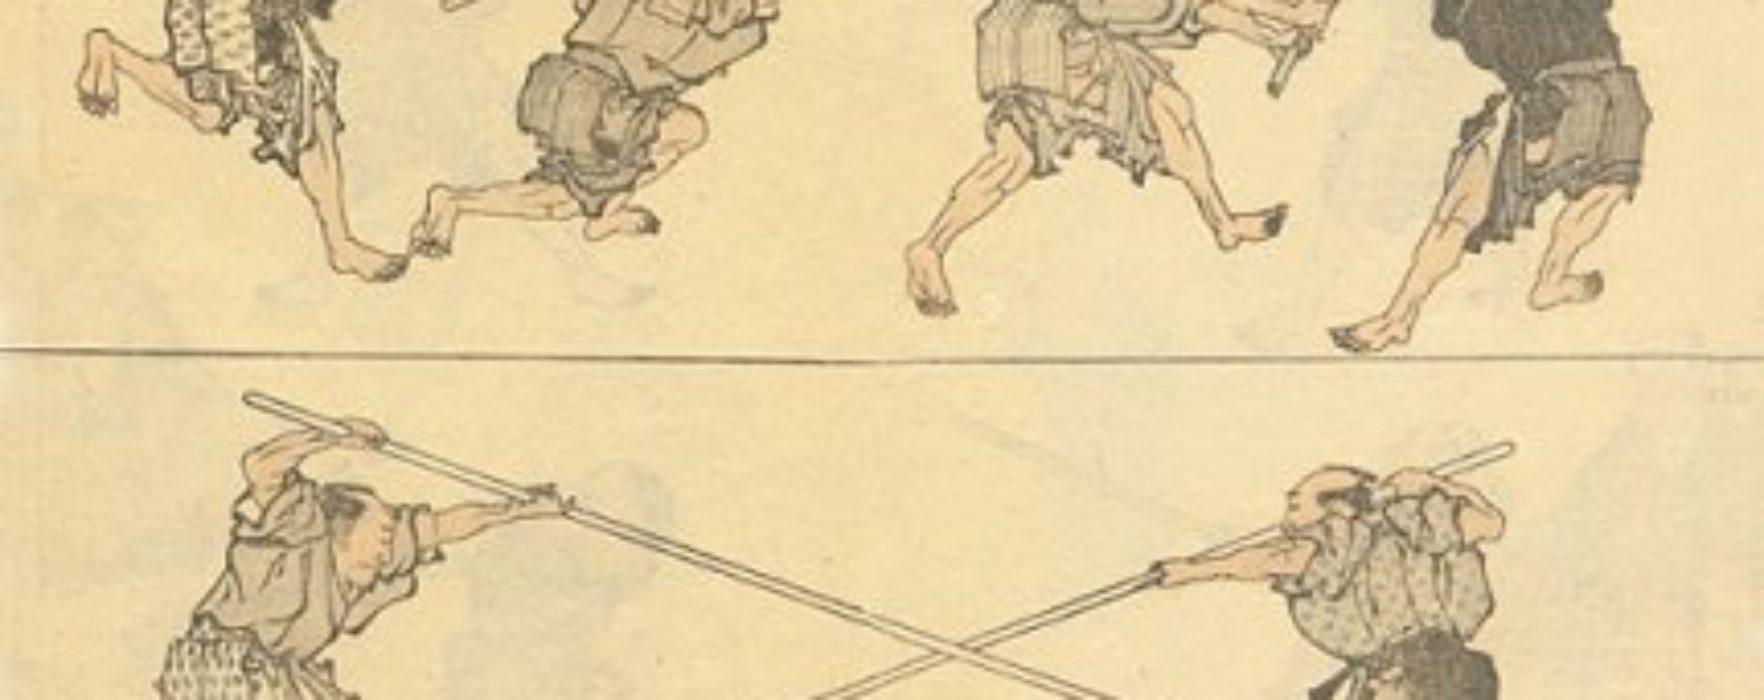 L'epopea samurai – Parte terza